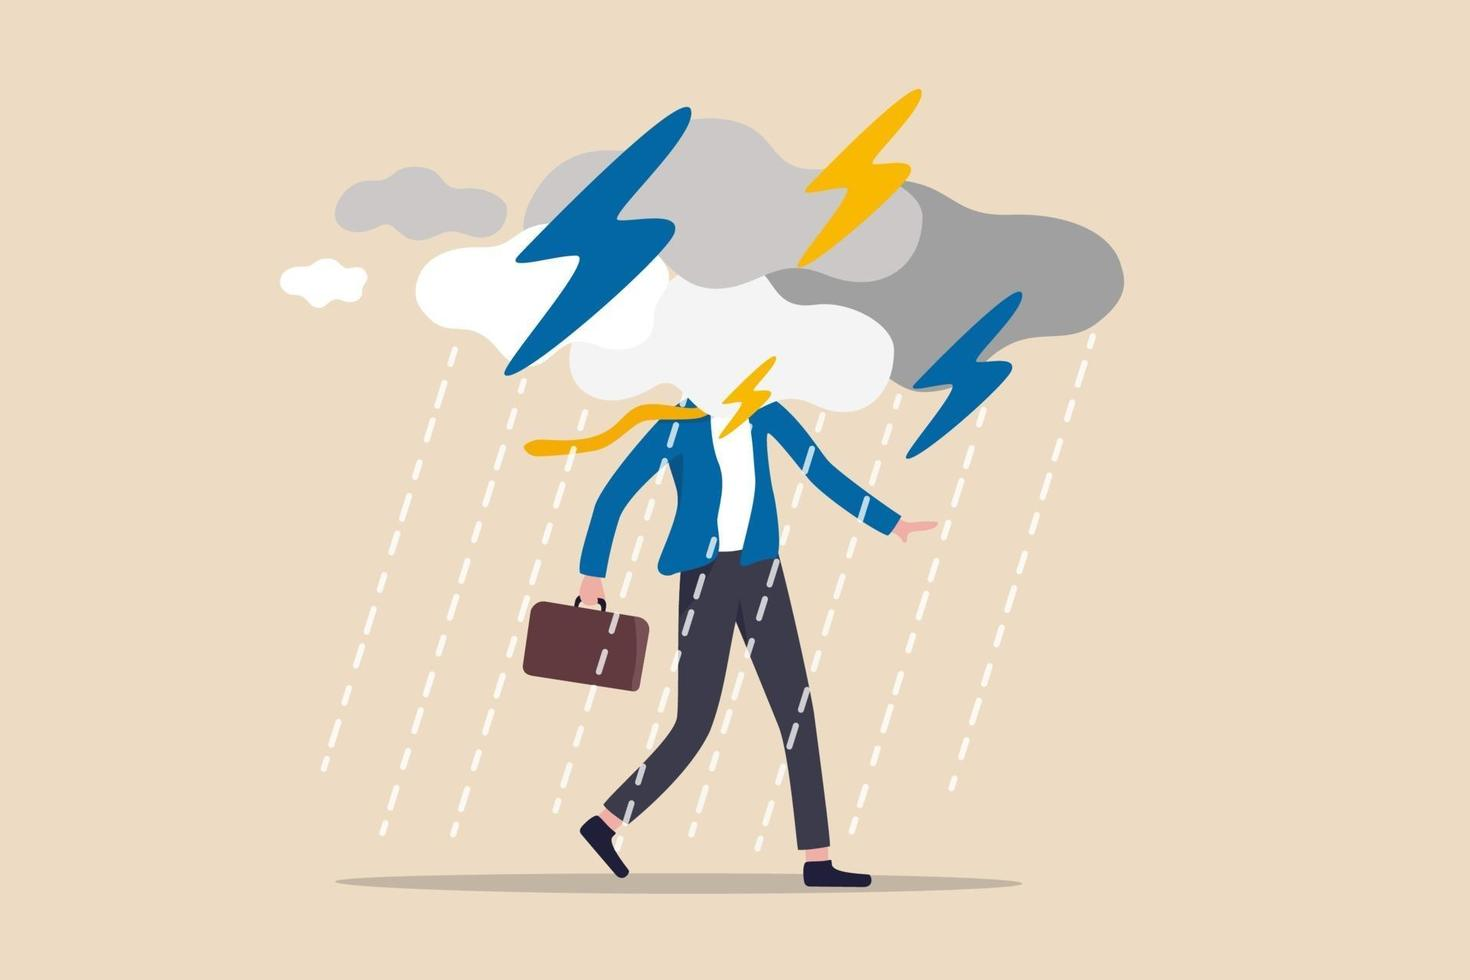 affärsproblem, hinder eller risk att övervinna och lyckas, försäkring eller katastrof och katastrof affärsdag koncept, deprimerad affärsman som går med molnigt åskväder och regnigt runt ansiktet vektor